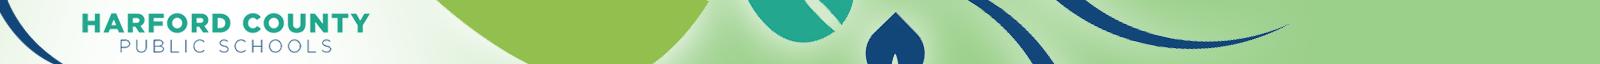 Harford County Public Schools, MD logo